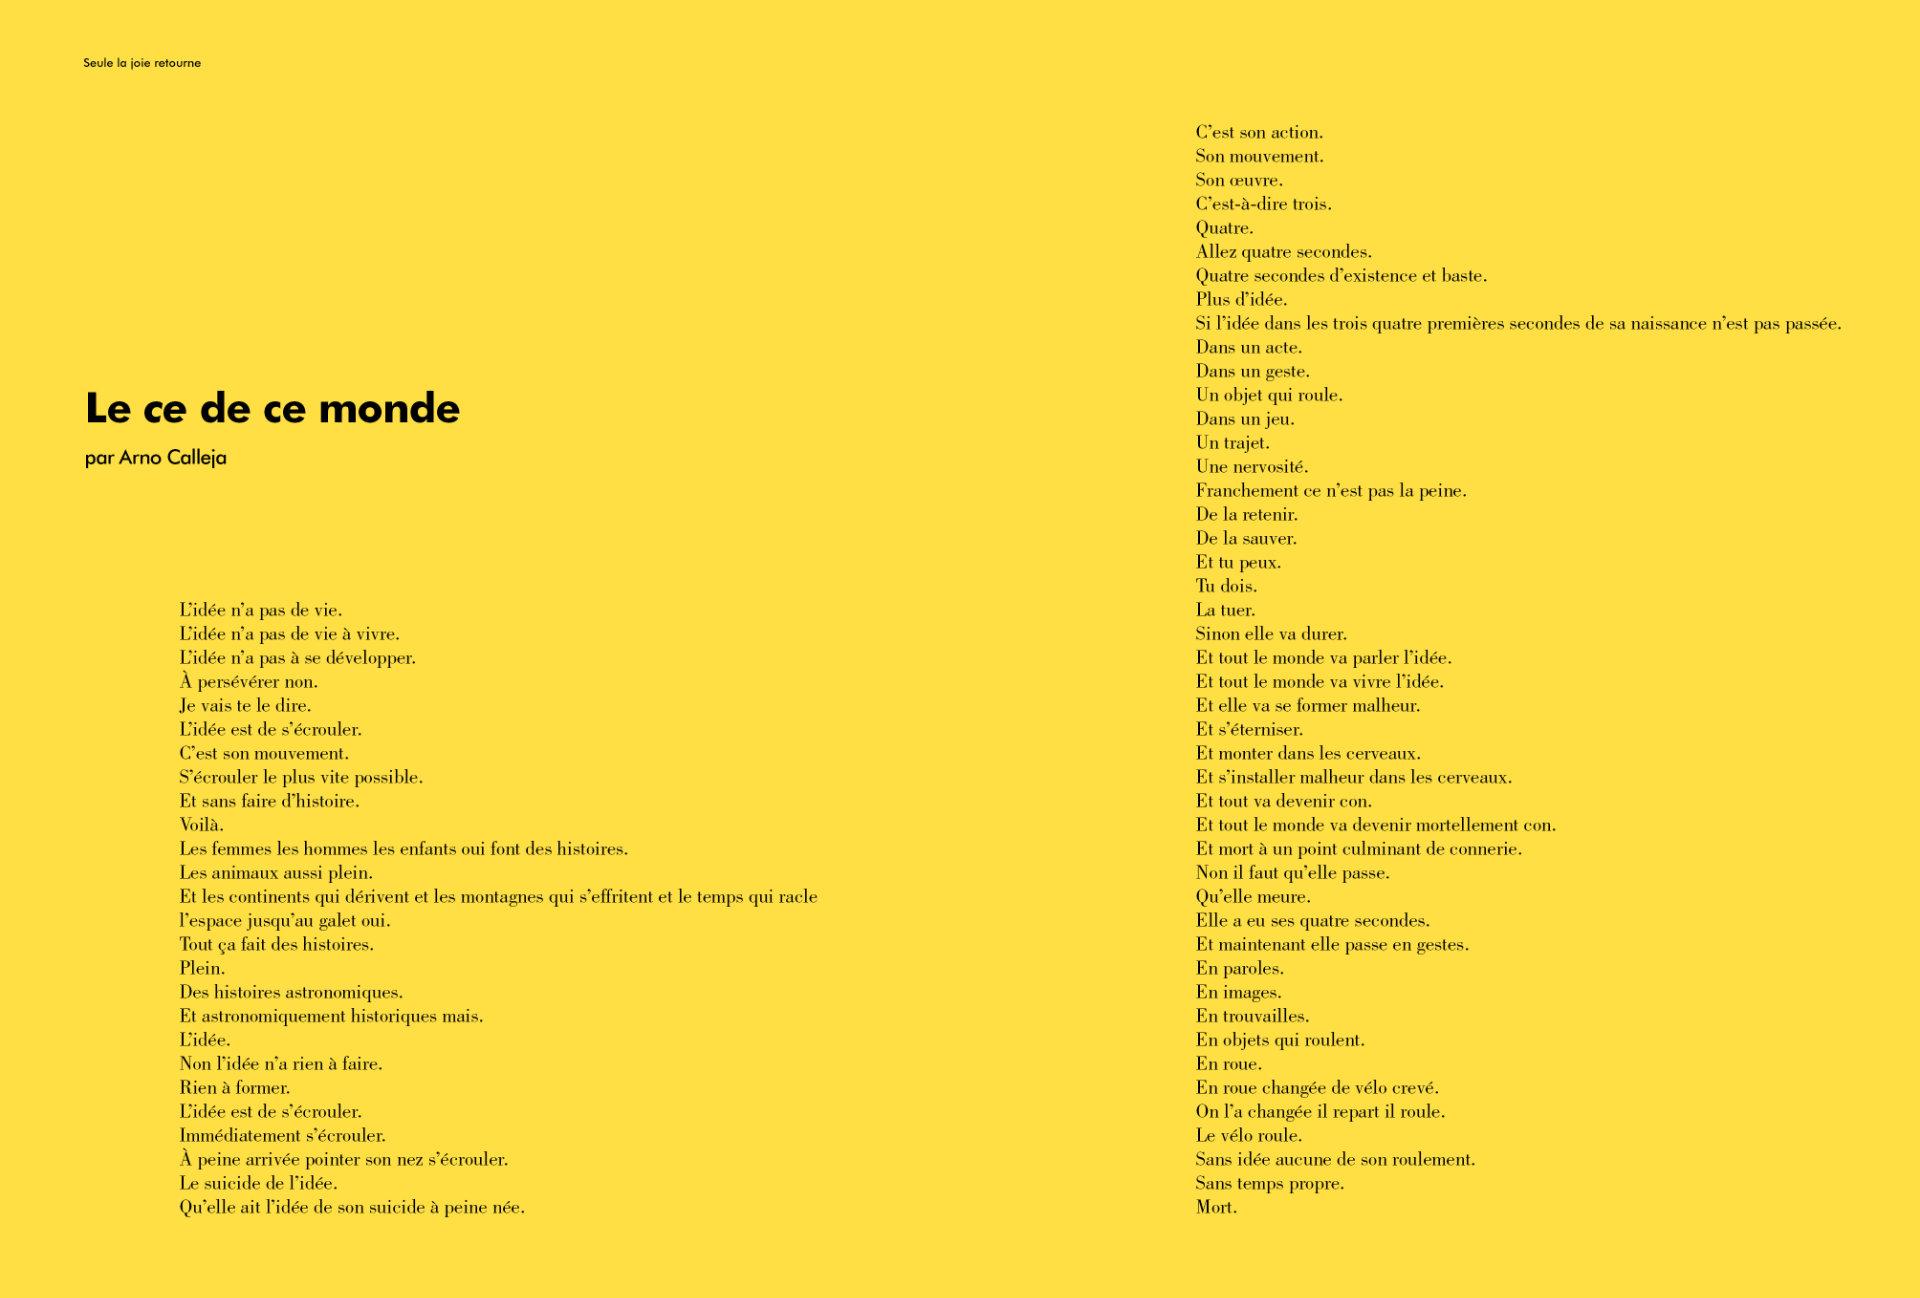 Le Ce de ce monde par Arno Calleja (extrait)